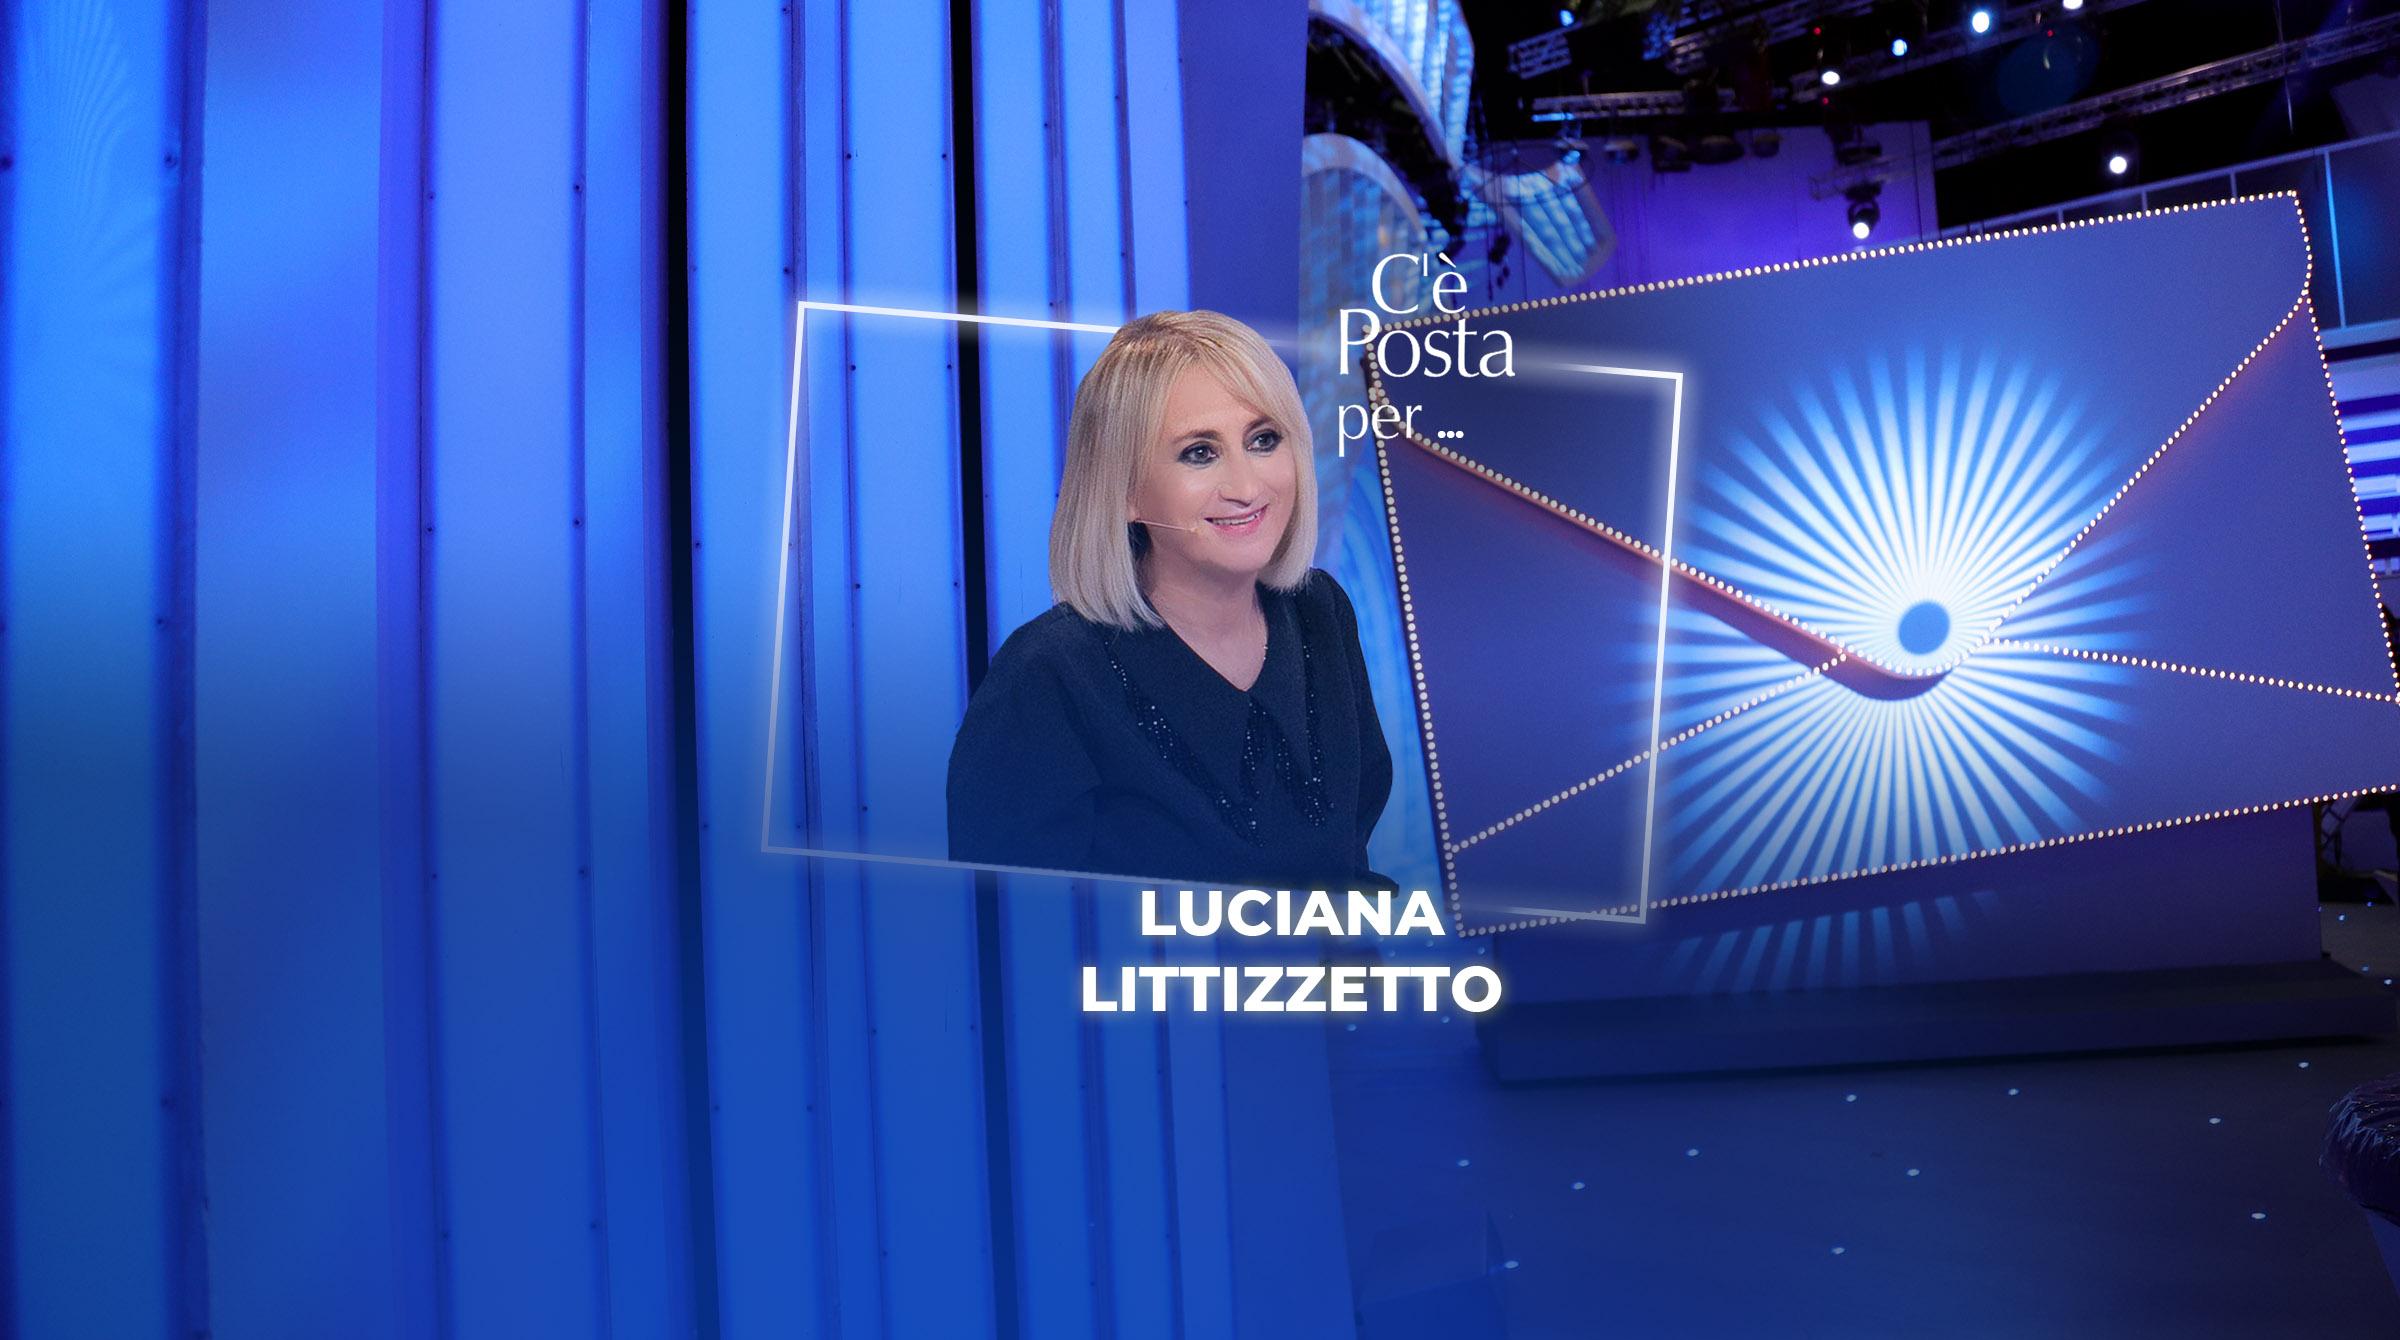 cepostaper-lucianalittizzetto